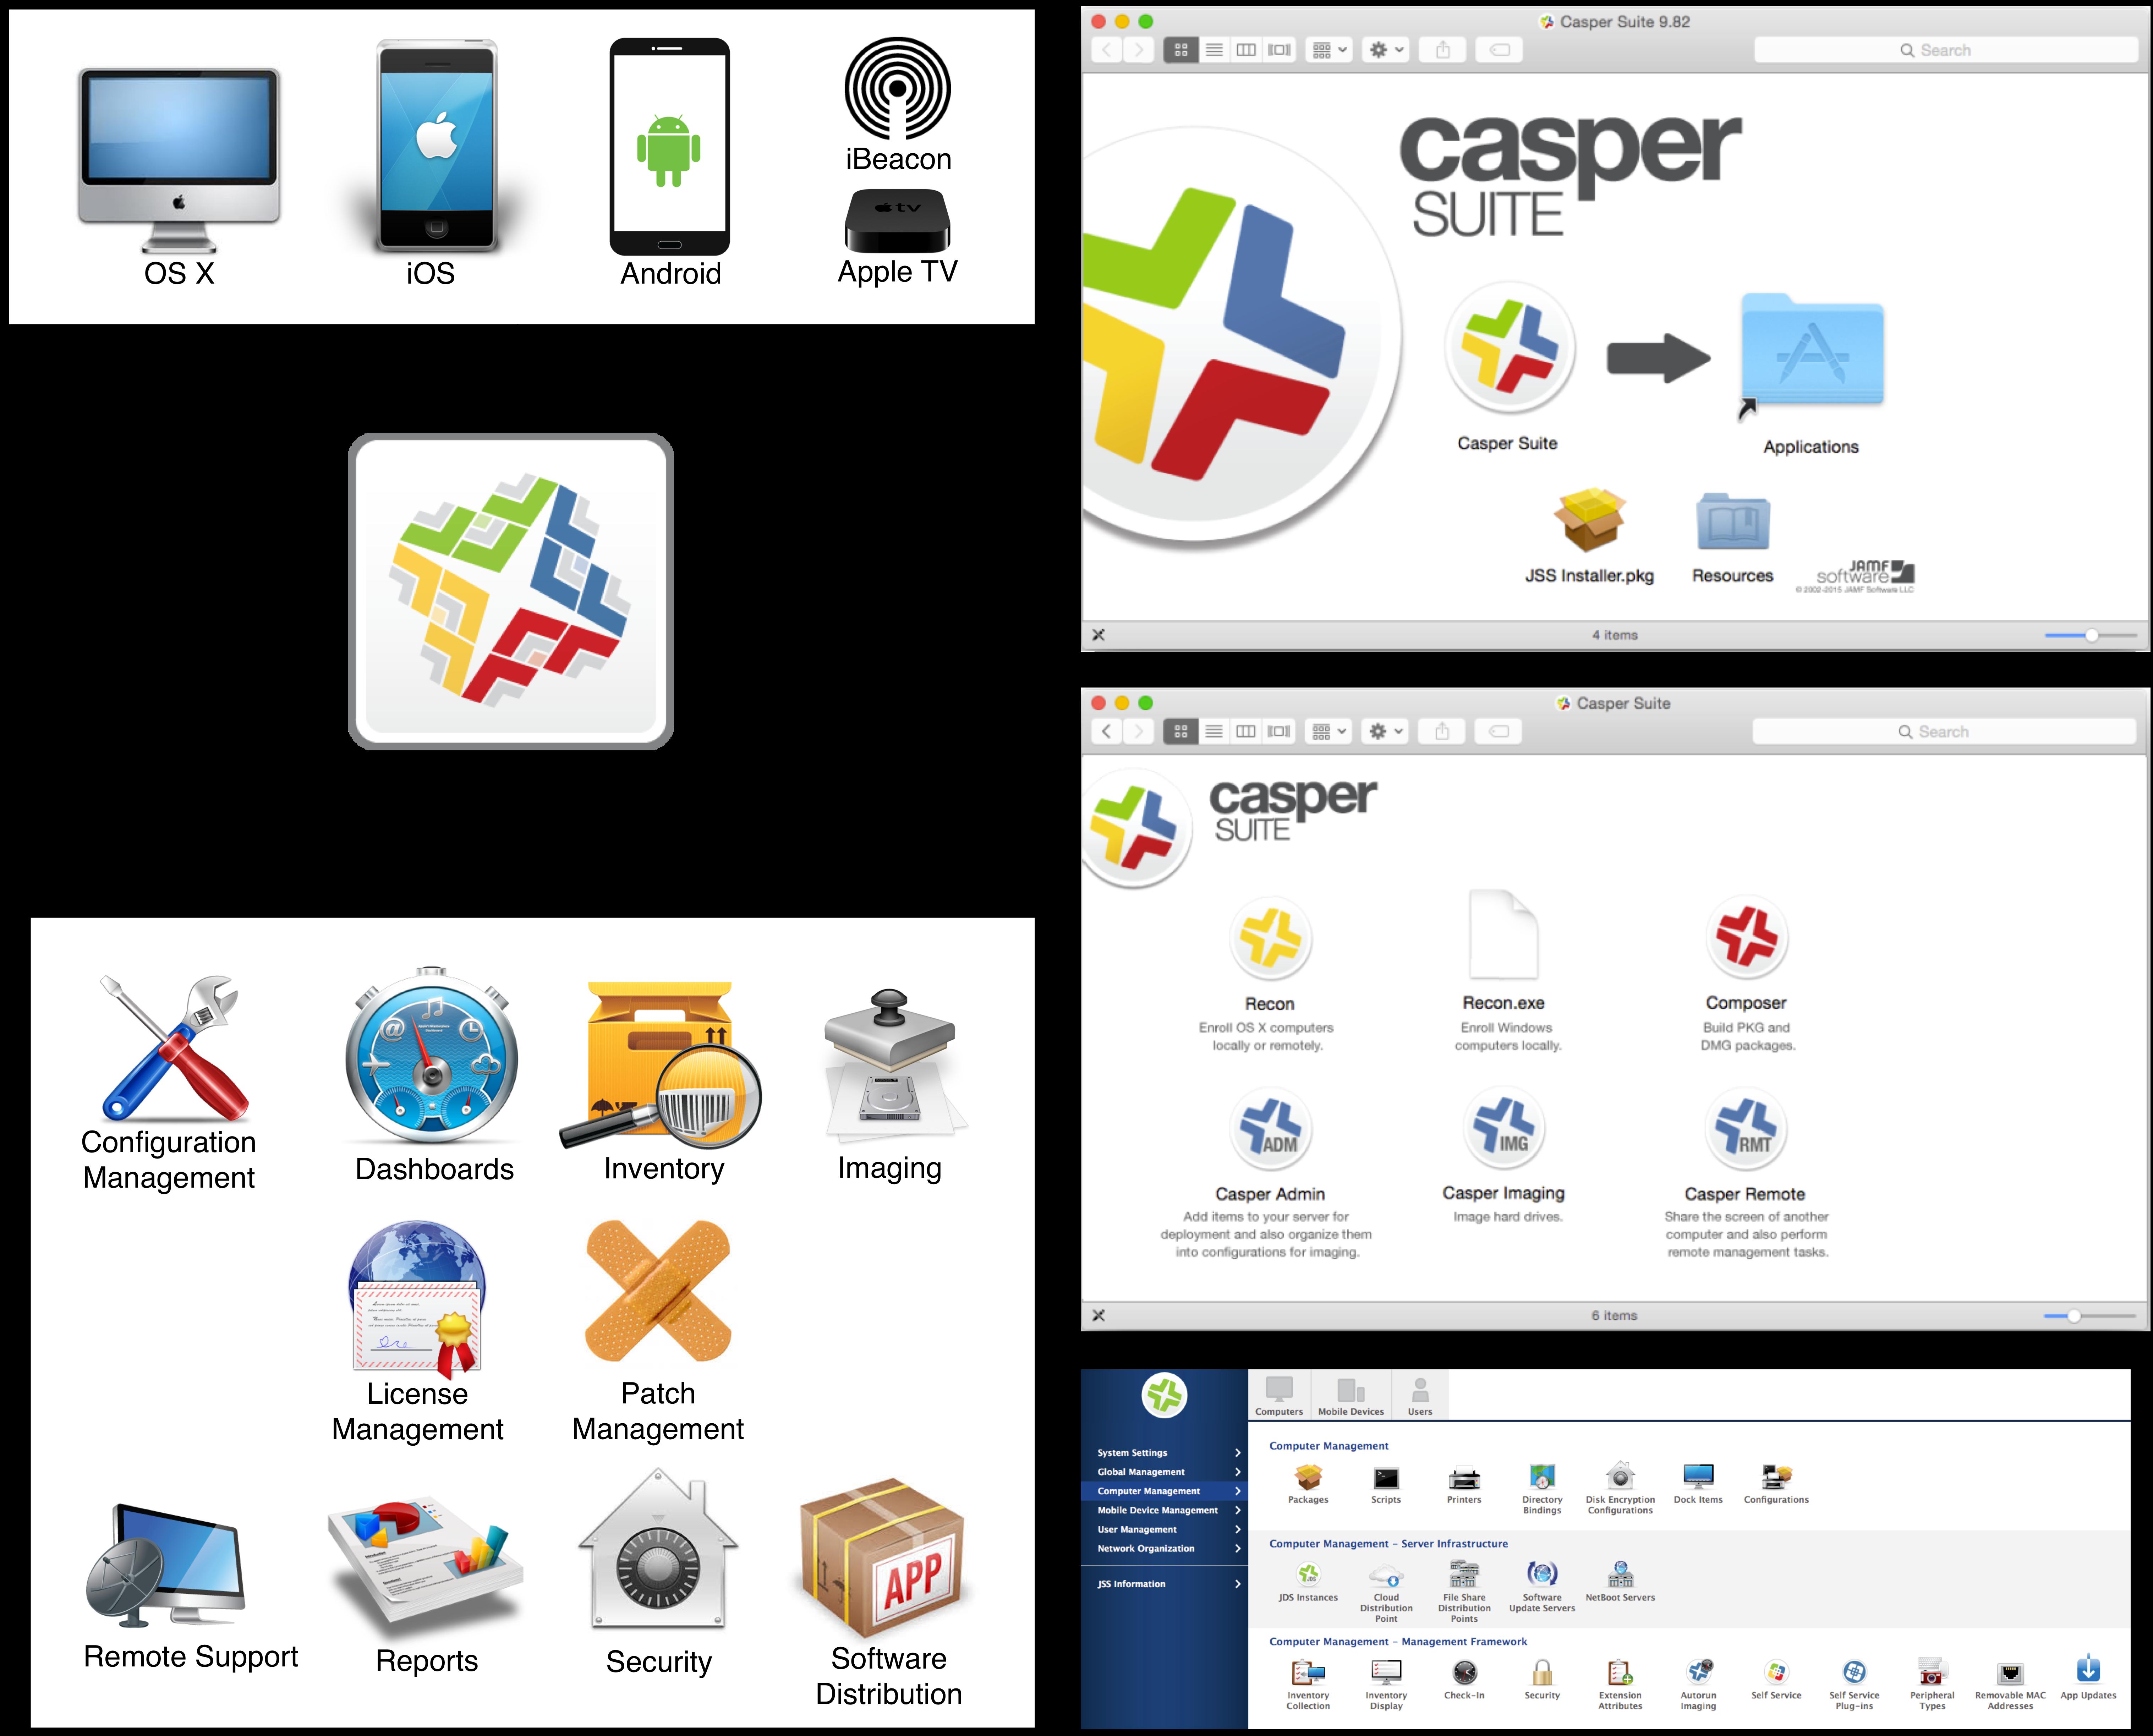 Casper Suite Infographic